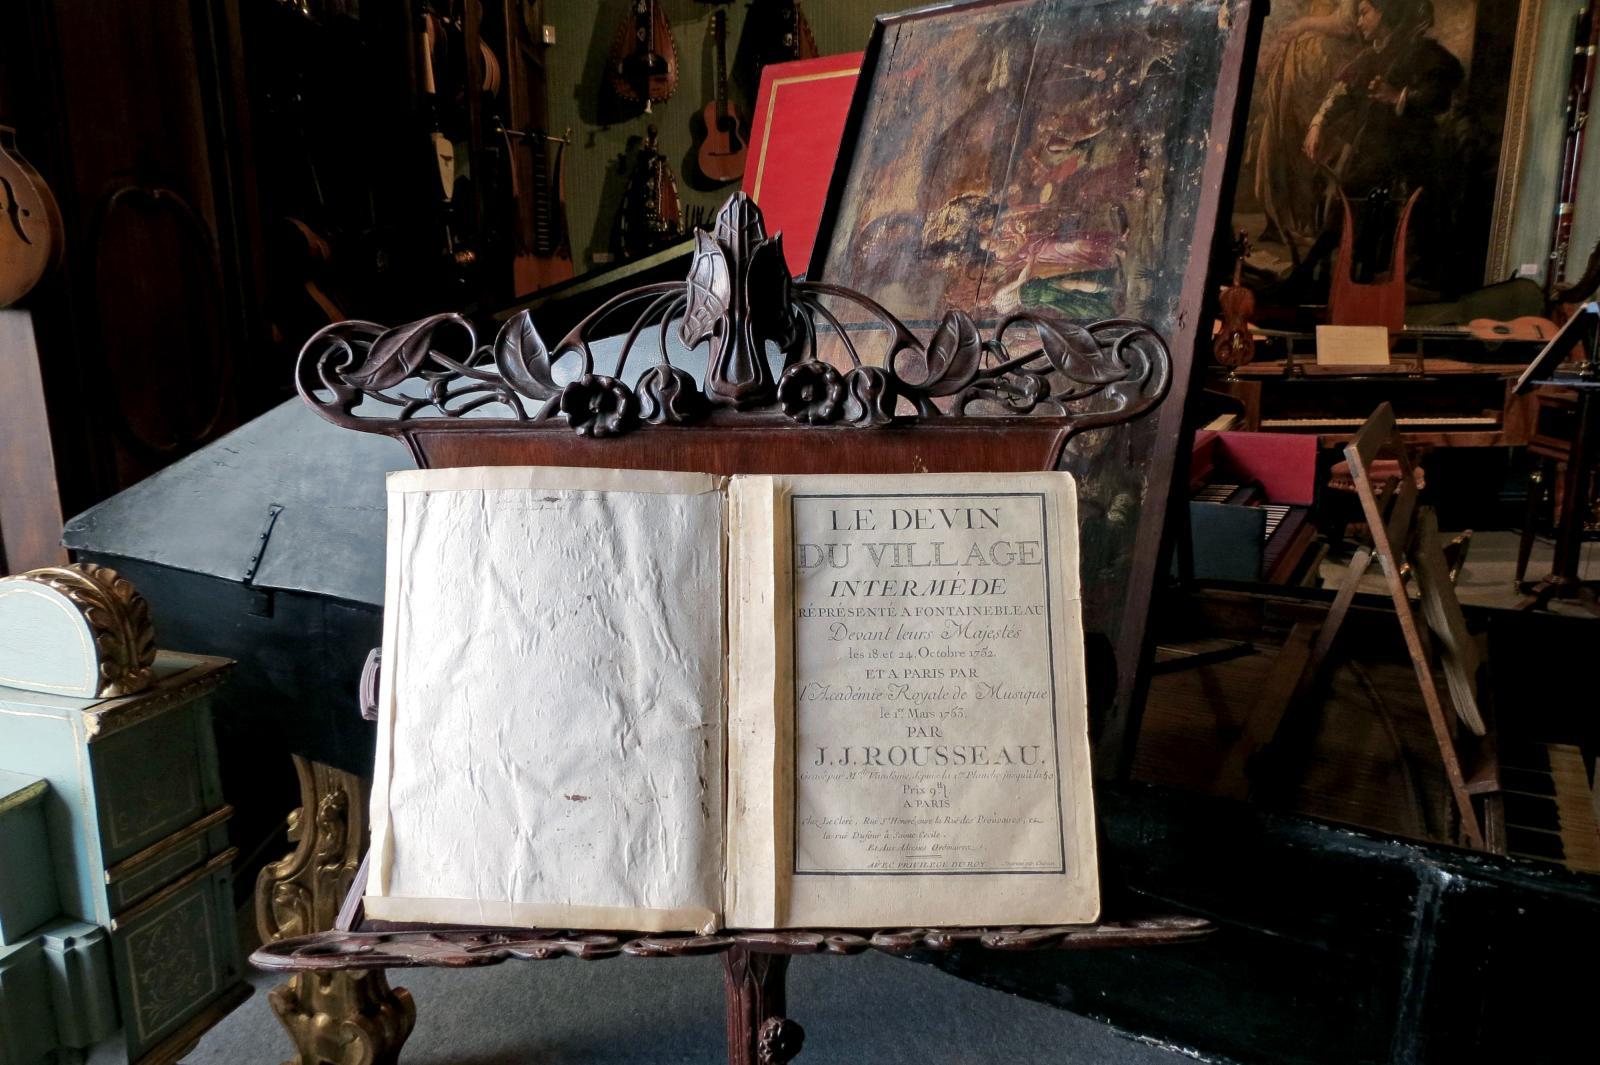 La partition du Devin du village de Jean-Jacques Rousseau, devant un clavecin italien de 1634. Photo DR